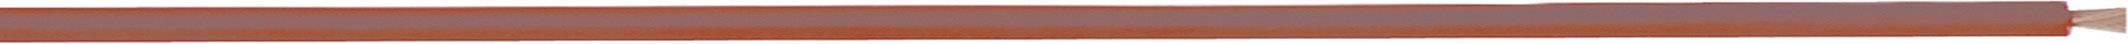 Merací vodič LappKabel 4560016S LiFY, 1 x 0.75 mm², vonkajší Ø 2.50 mm, metrový tovar, červená